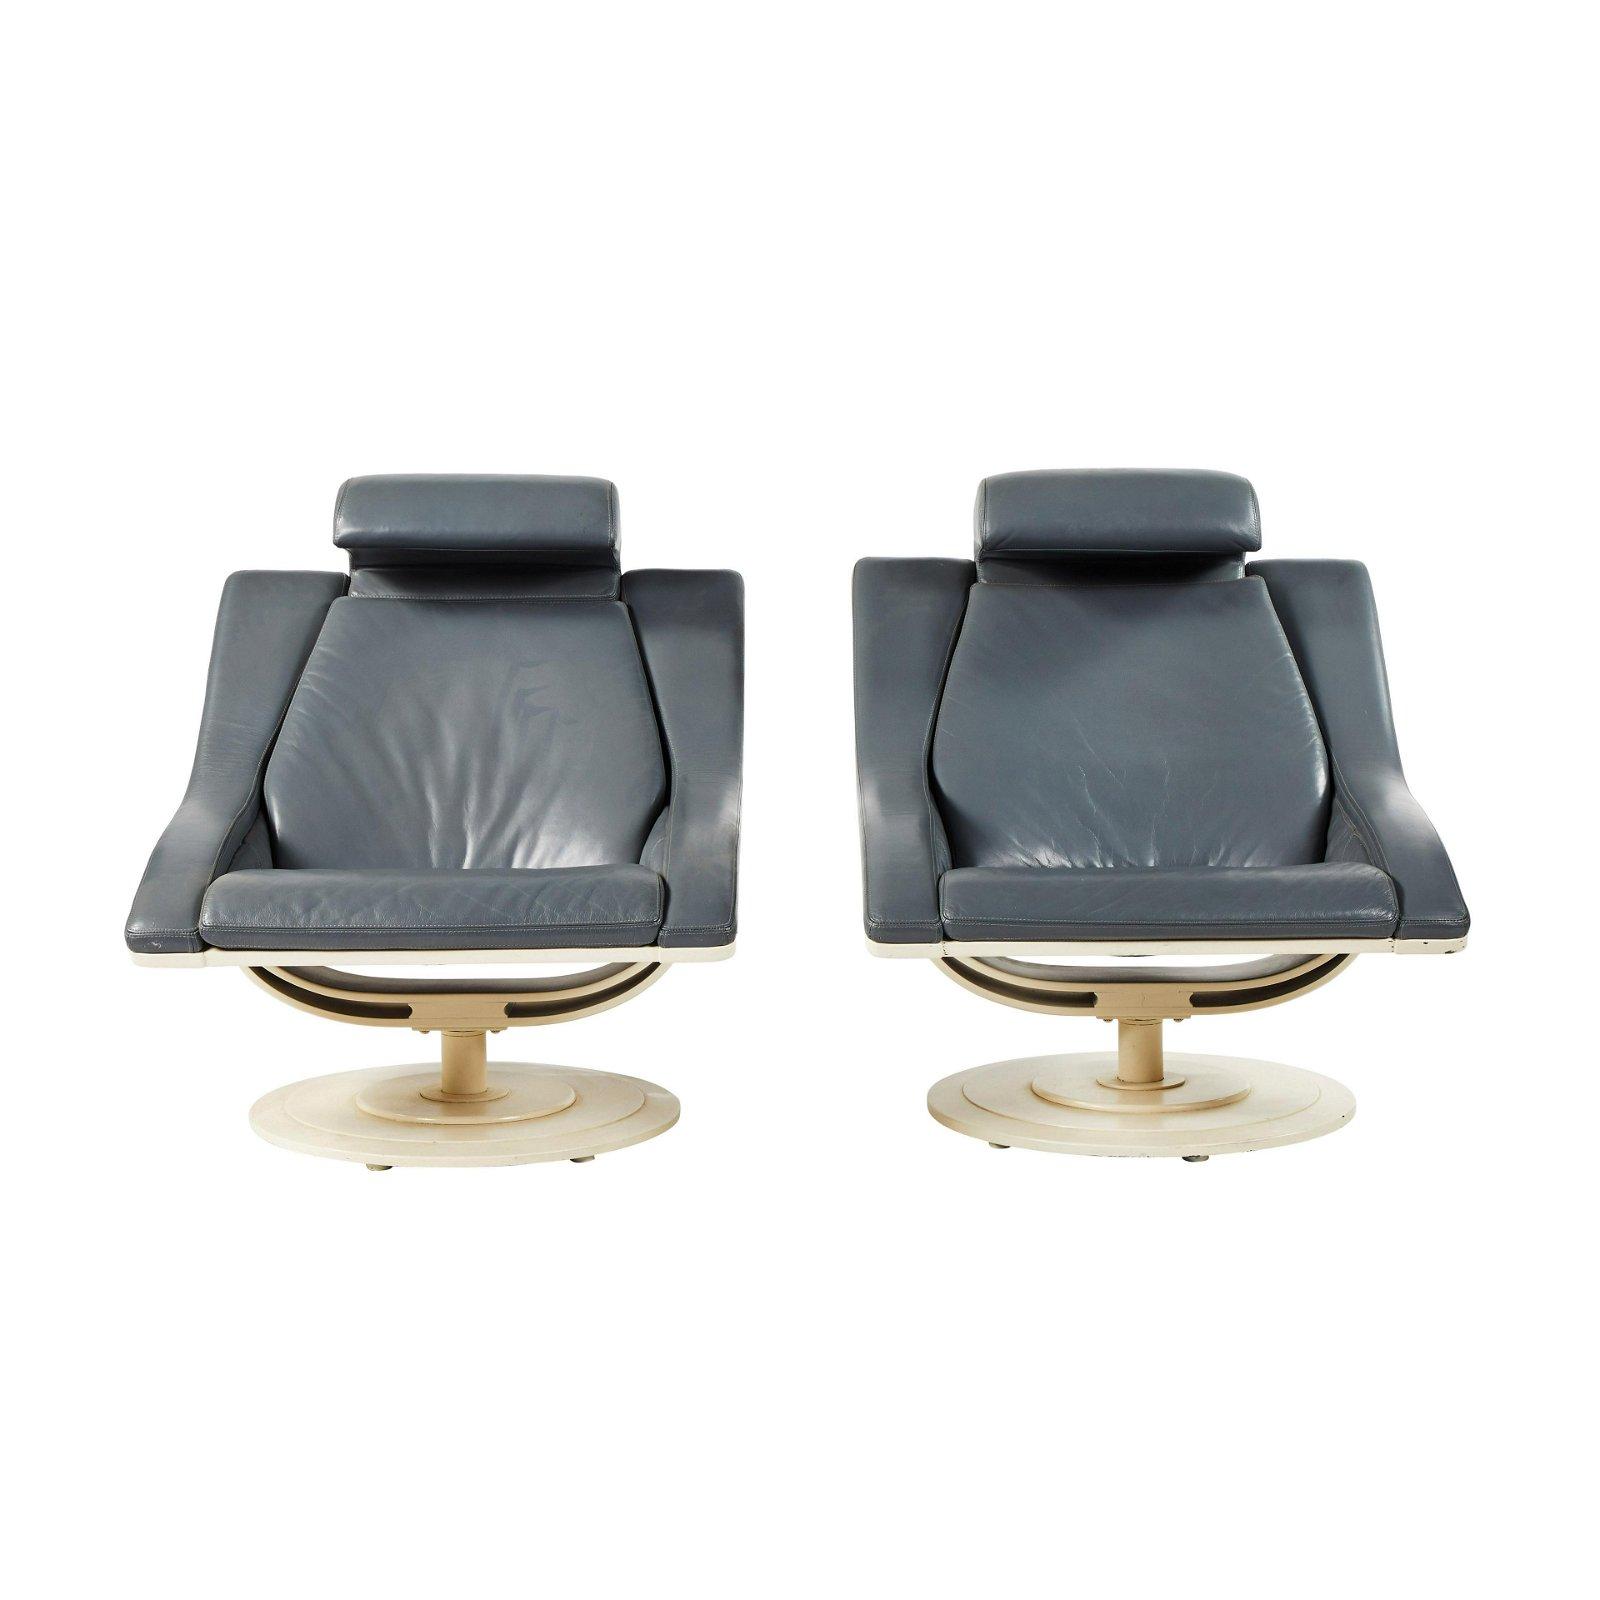 Italian Lounge Chairs (2)